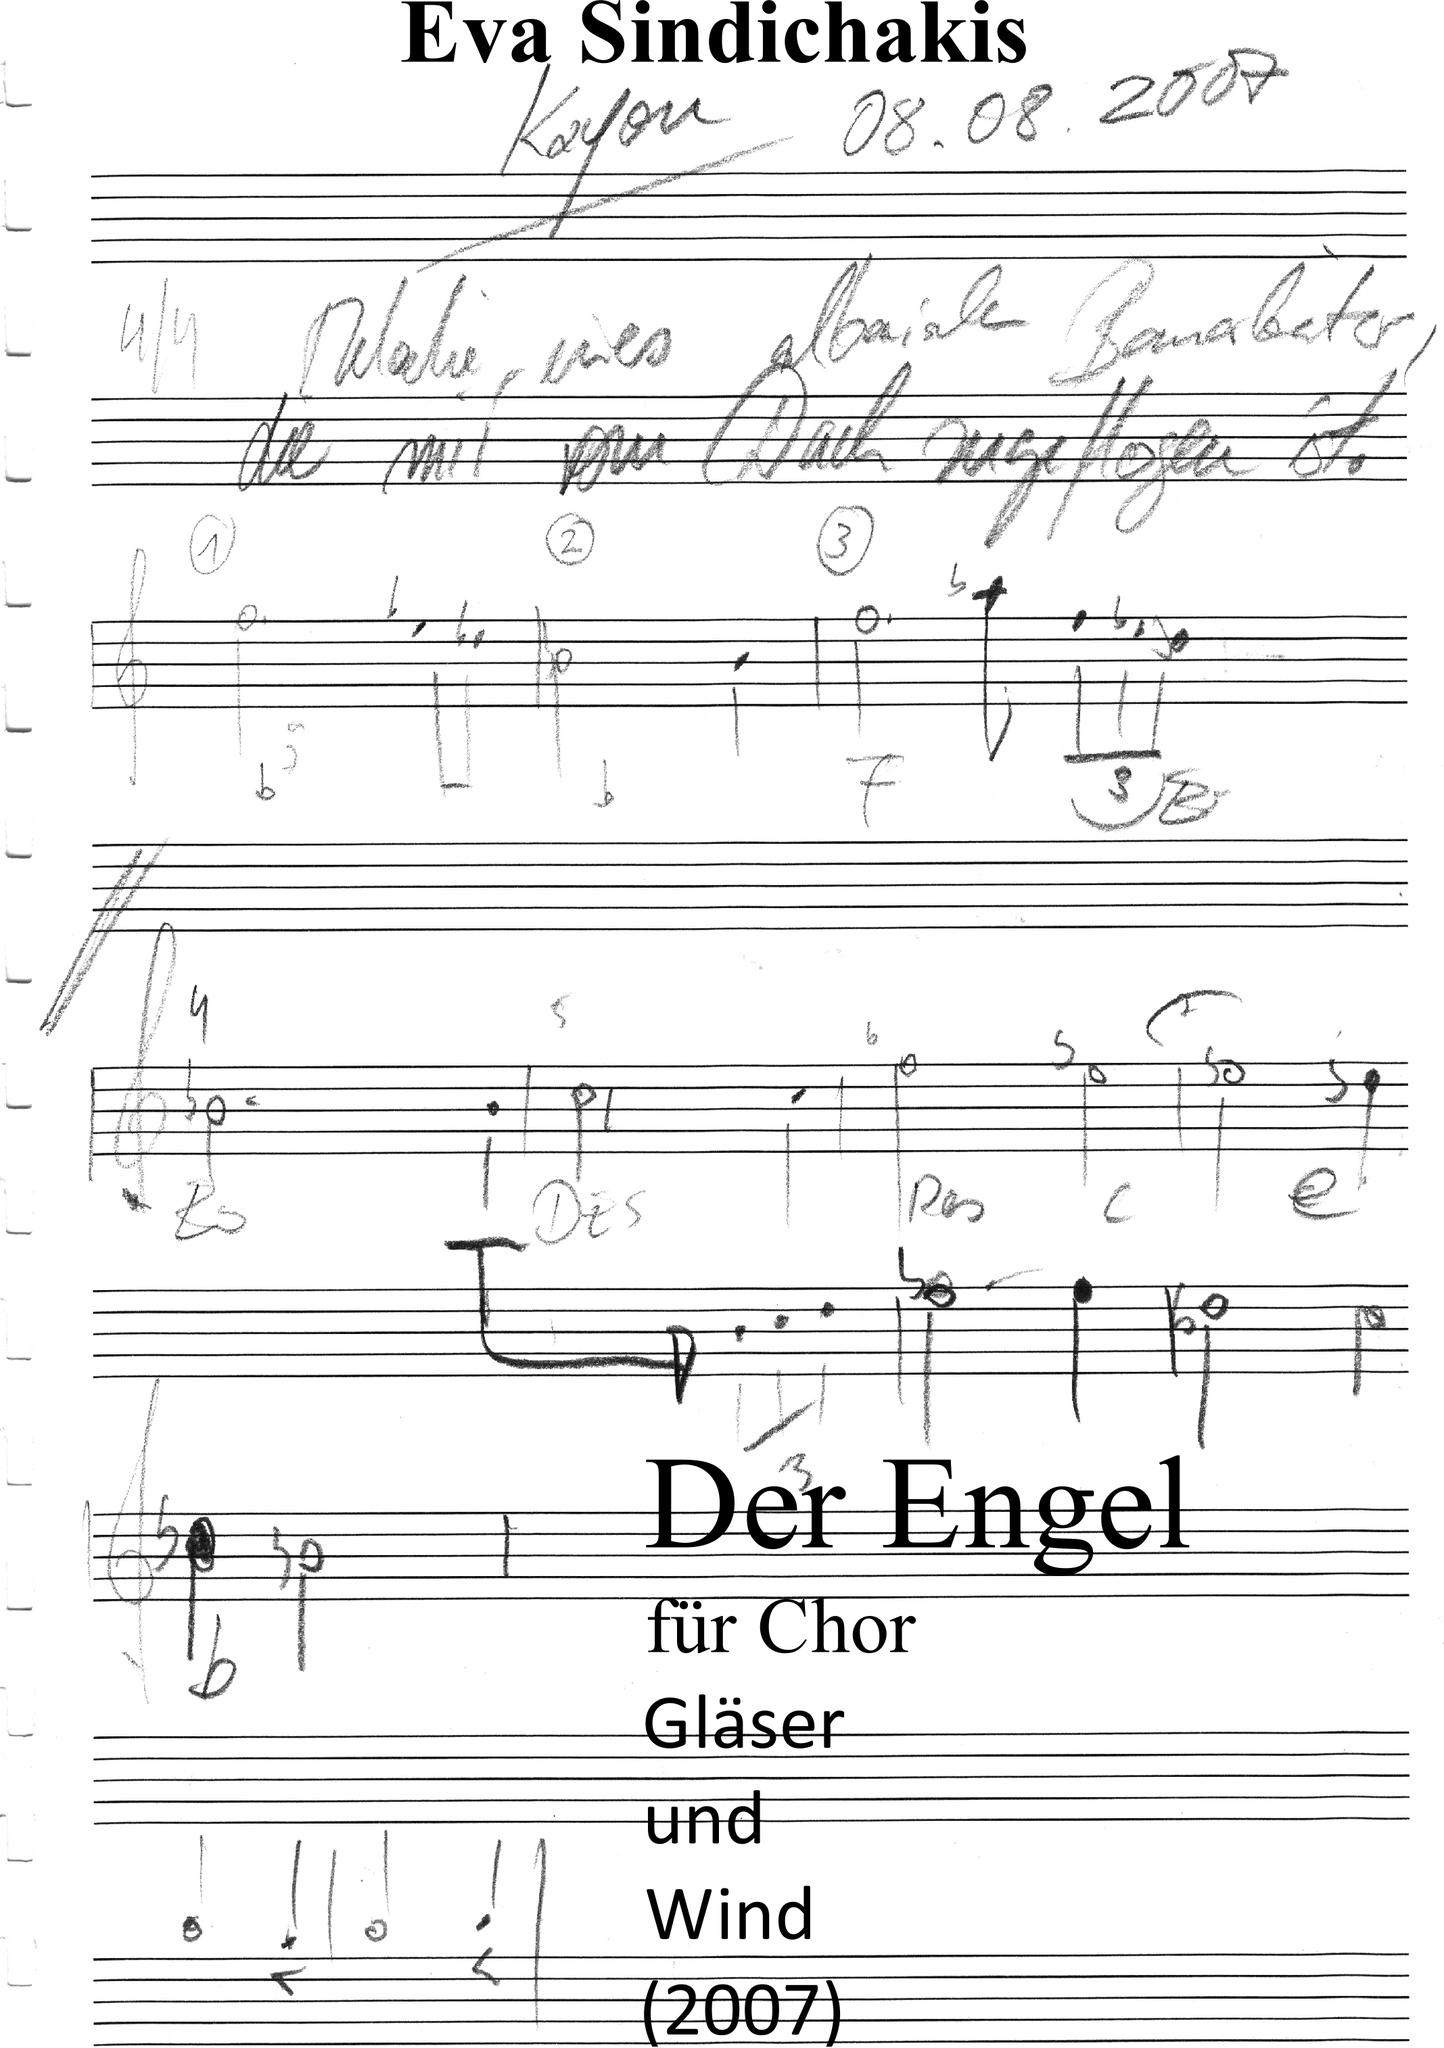 Der Engel für Chor, Gläser und Wind von Eva Sindichakis